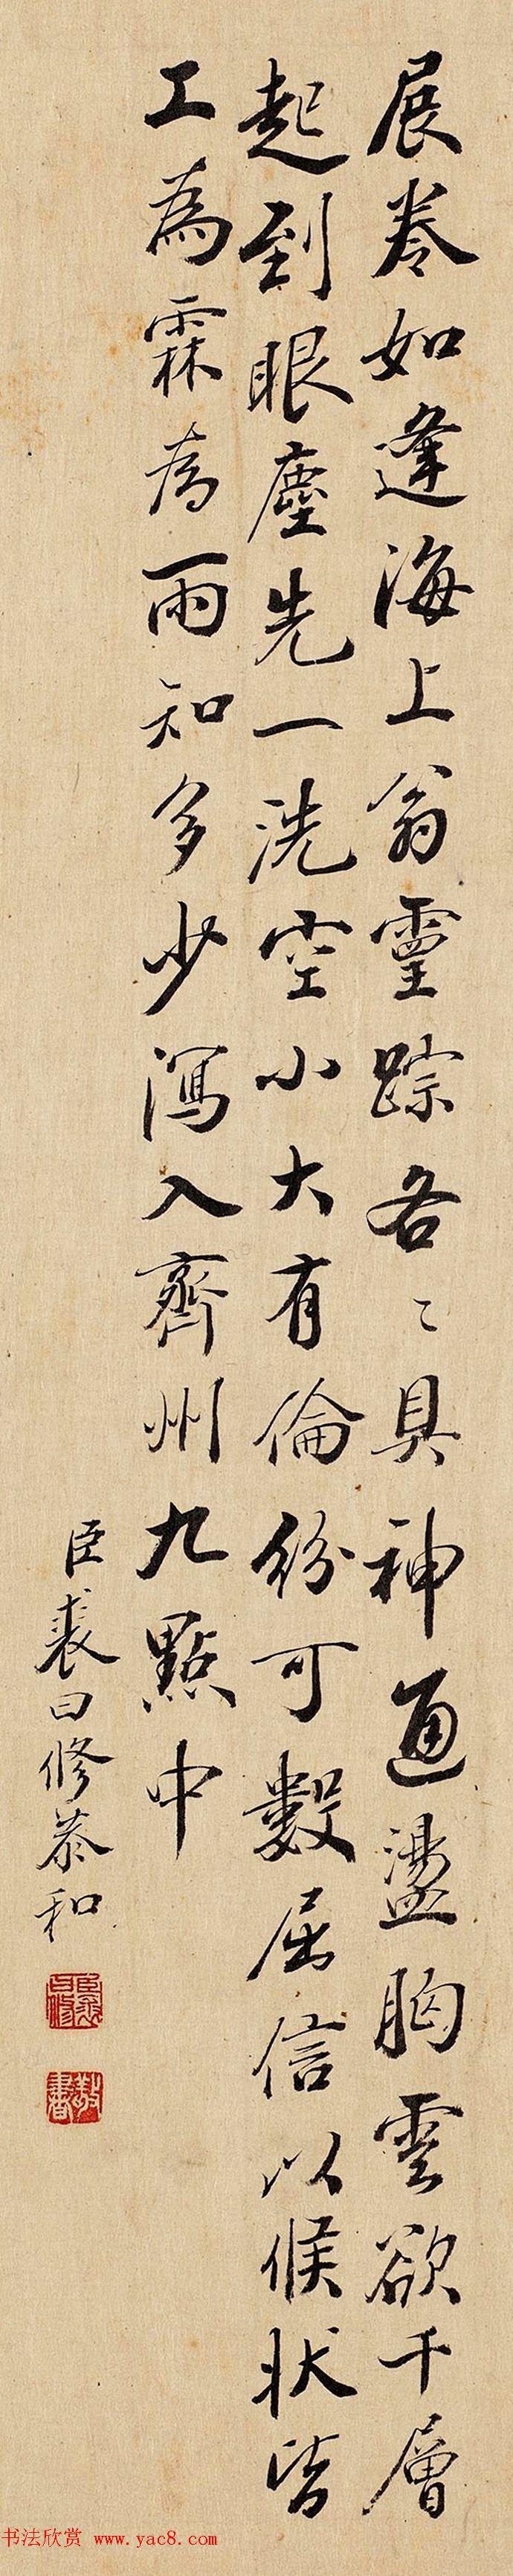 裘日修书法 - 鹰击长空 - 黄河诗社-鹰击长空